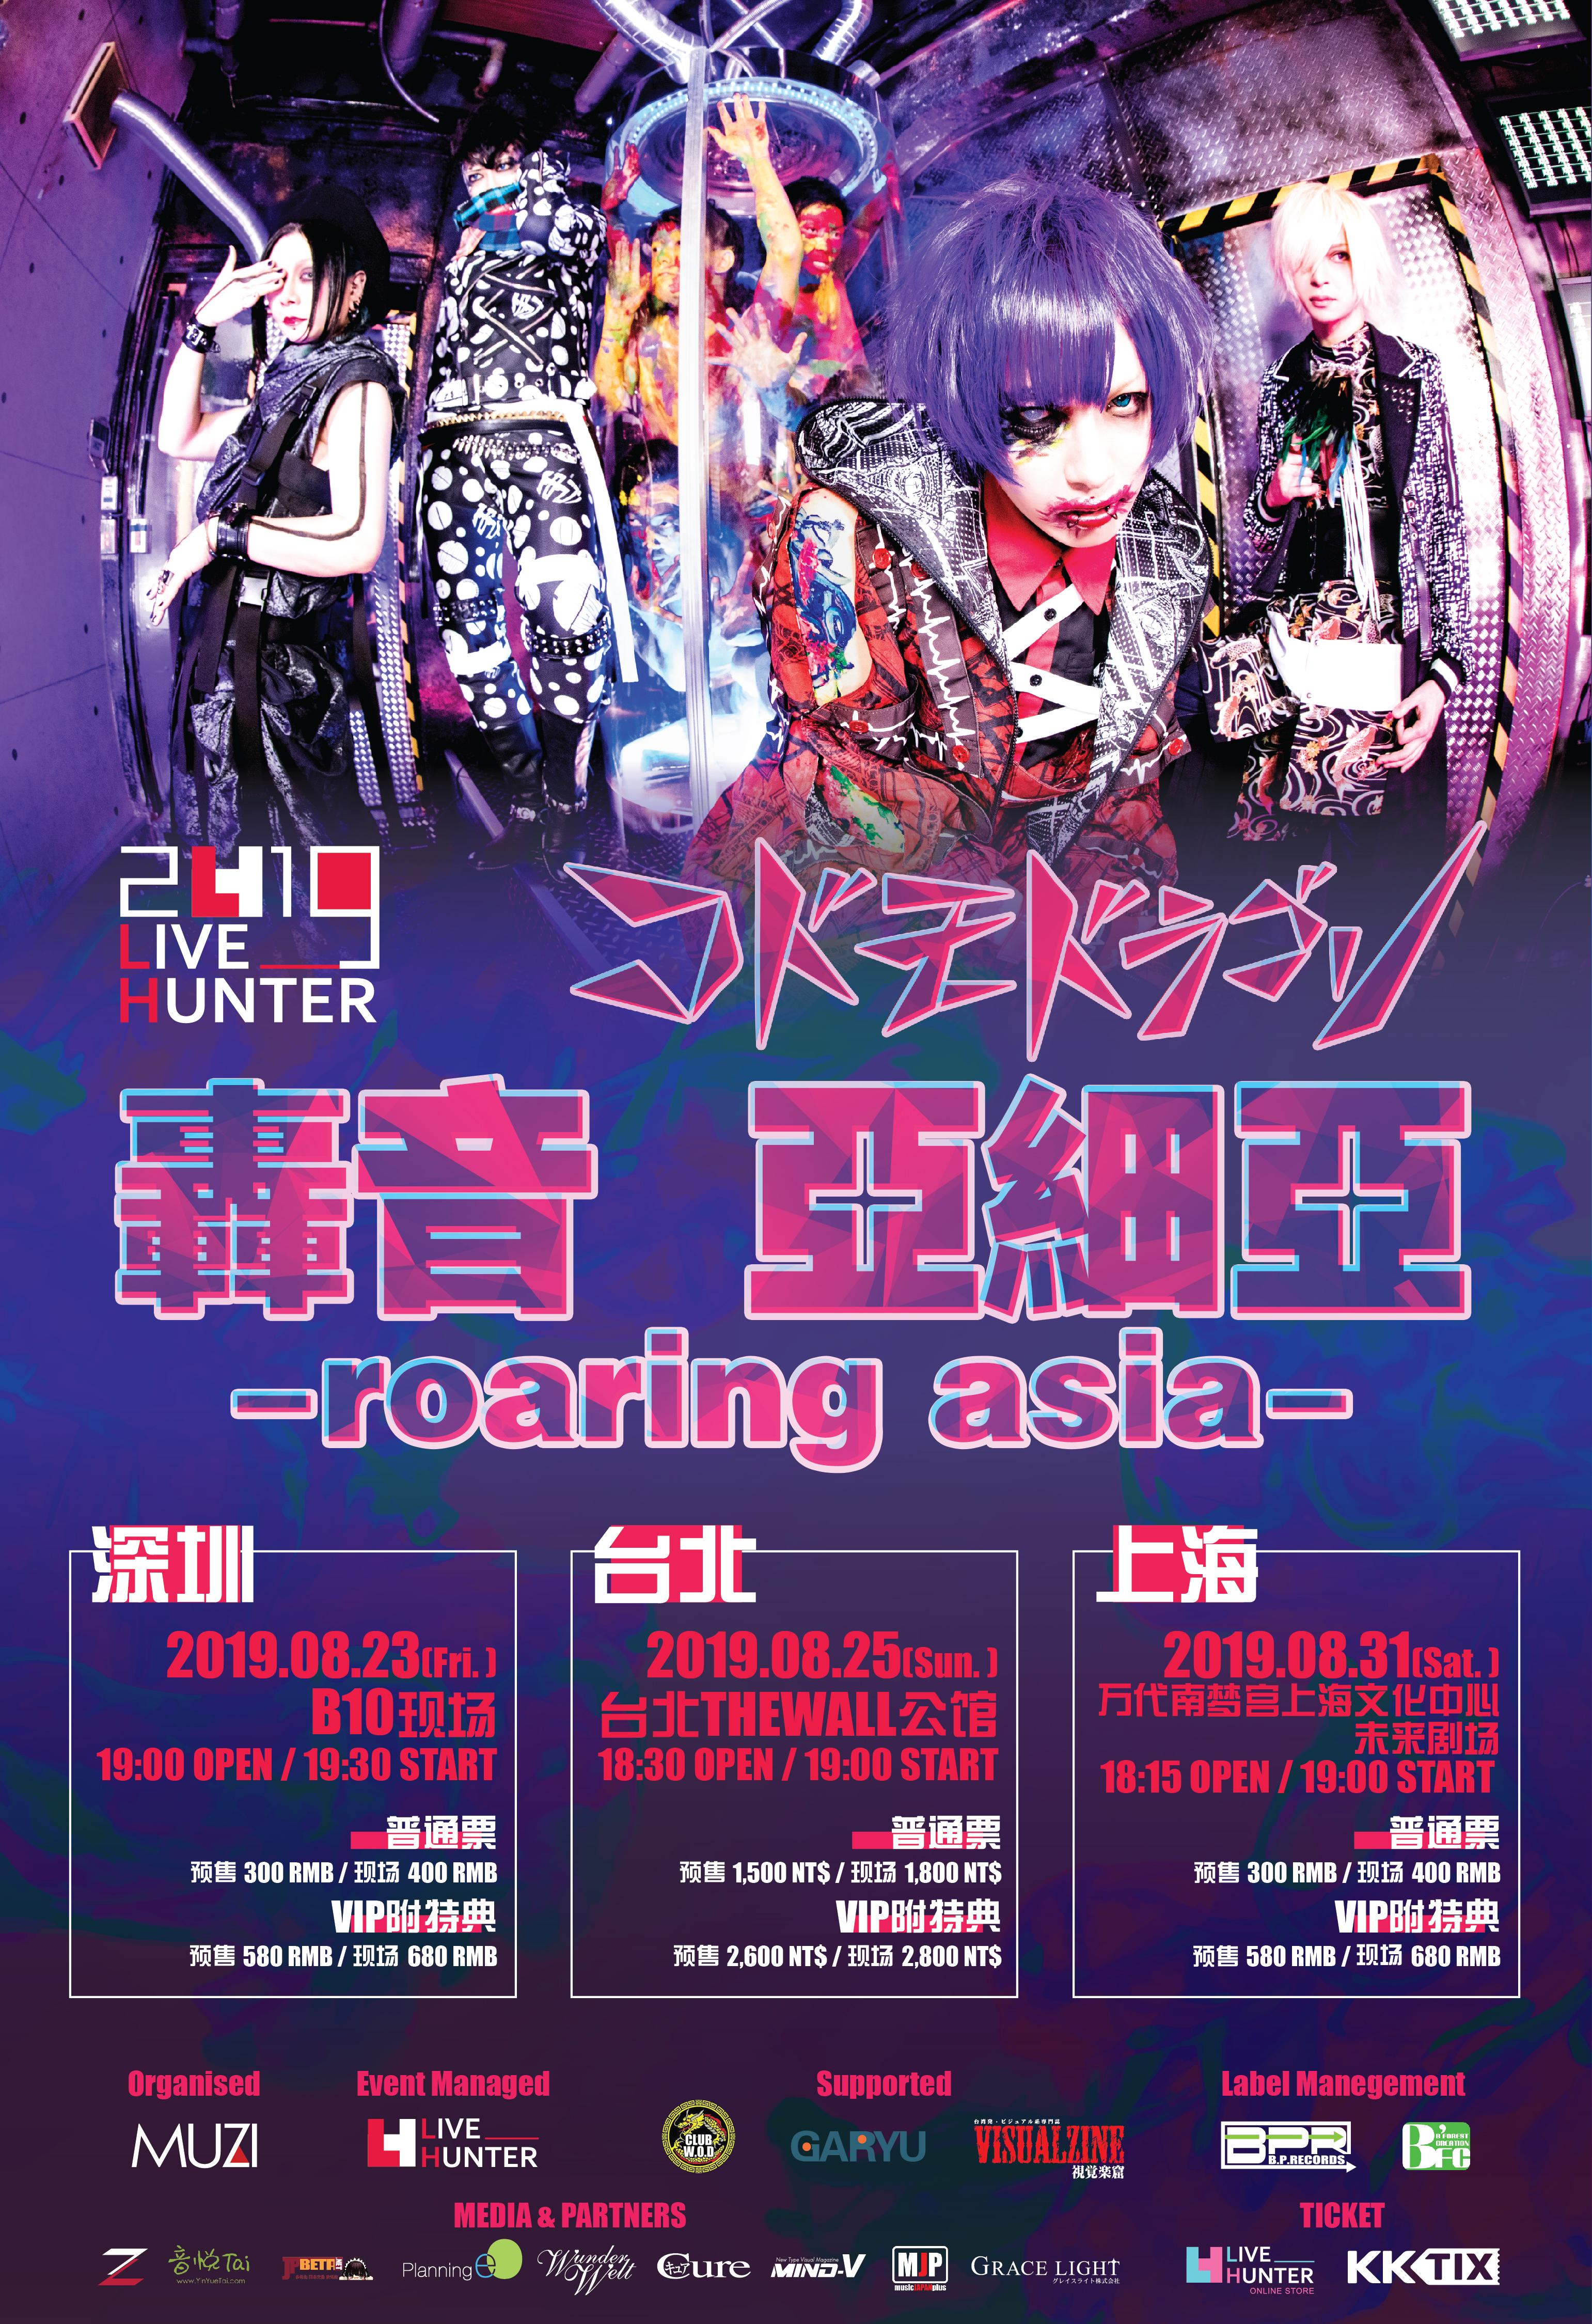 コドモドラゴンAsia tour 『轟音 亜細亜 -roaring as